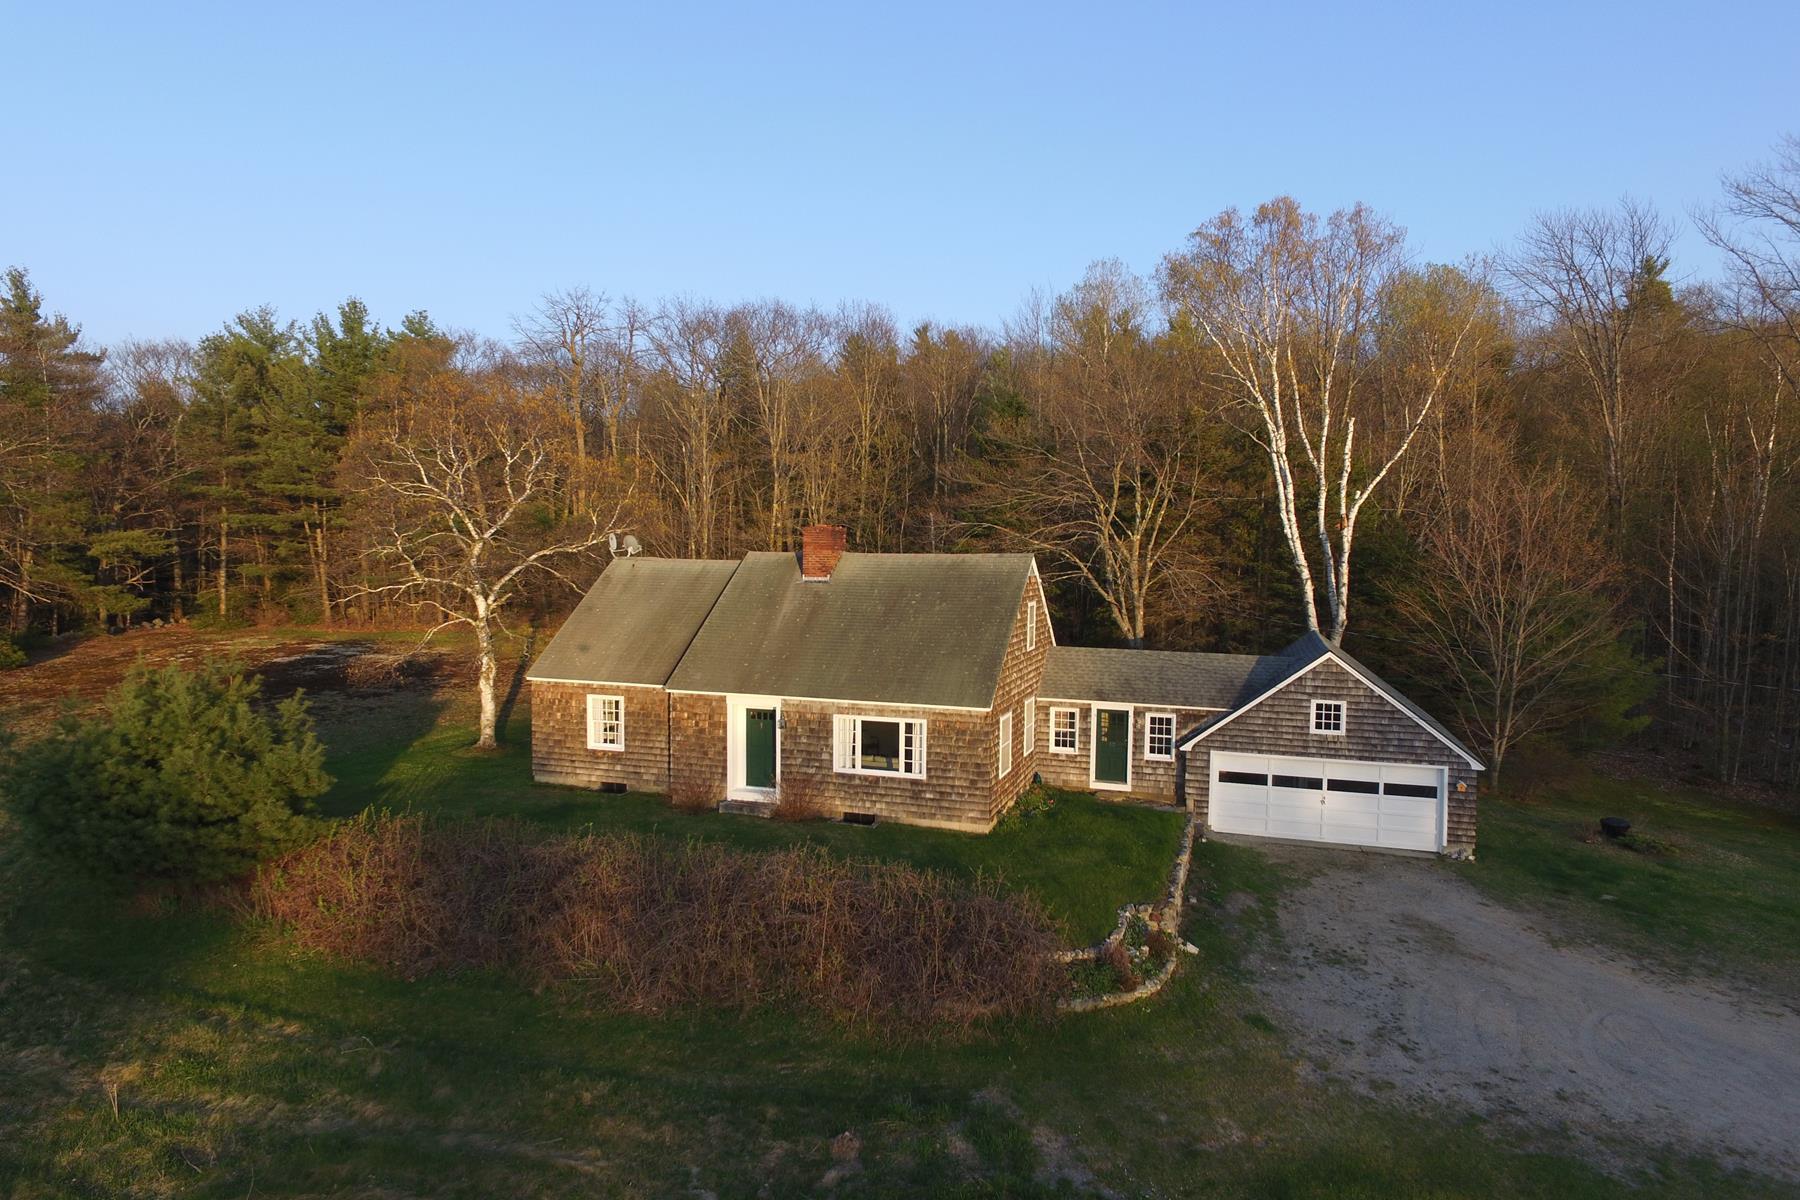 Частный односемейный дом для того Продажа на 12 Johnson Farm Rd, Newbury Newbury, Нью-Гэмпшир, 03255 Соединенные Штаты